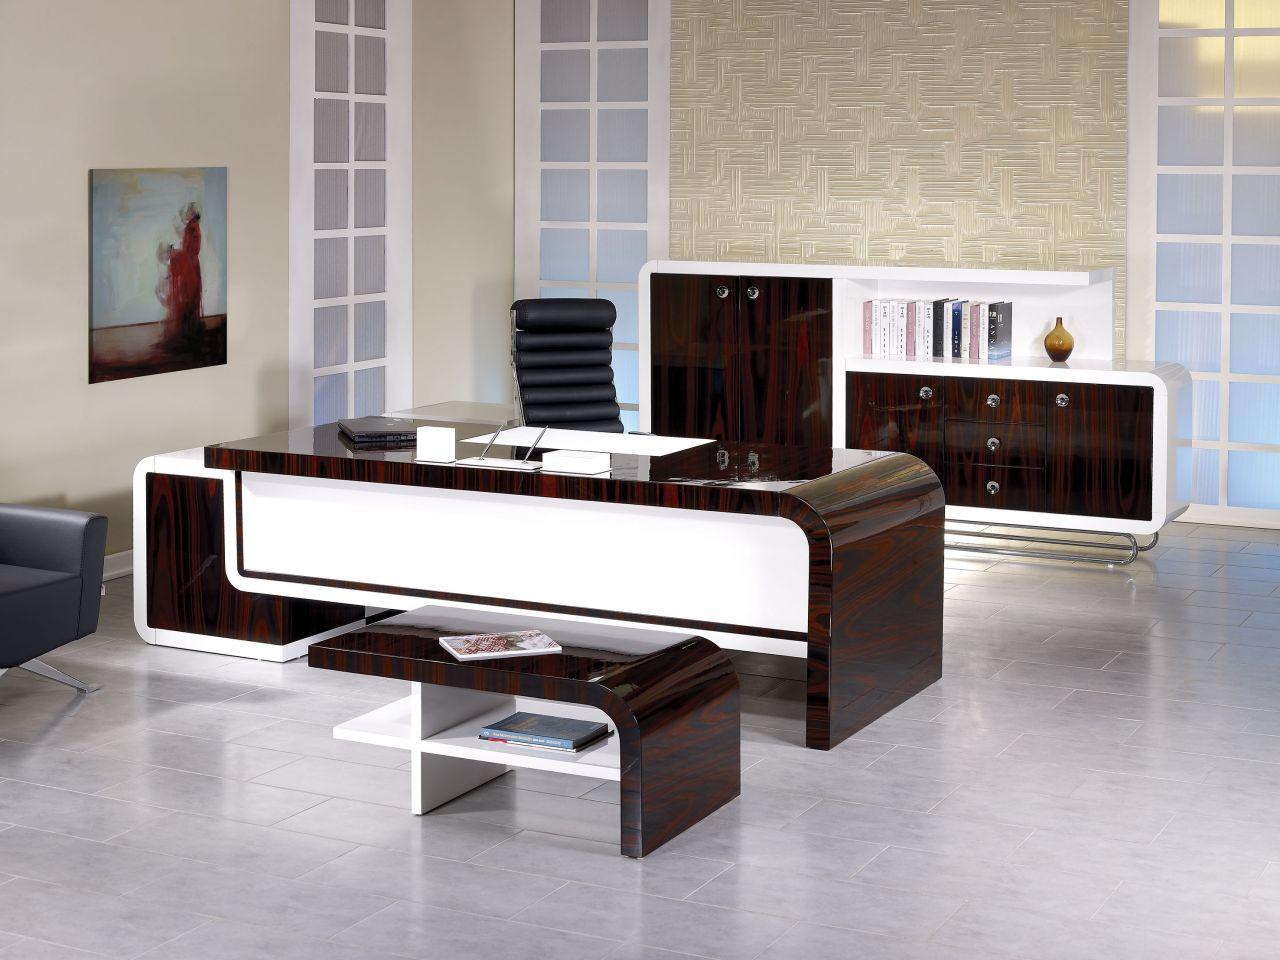 ofis-mobilyalari-1